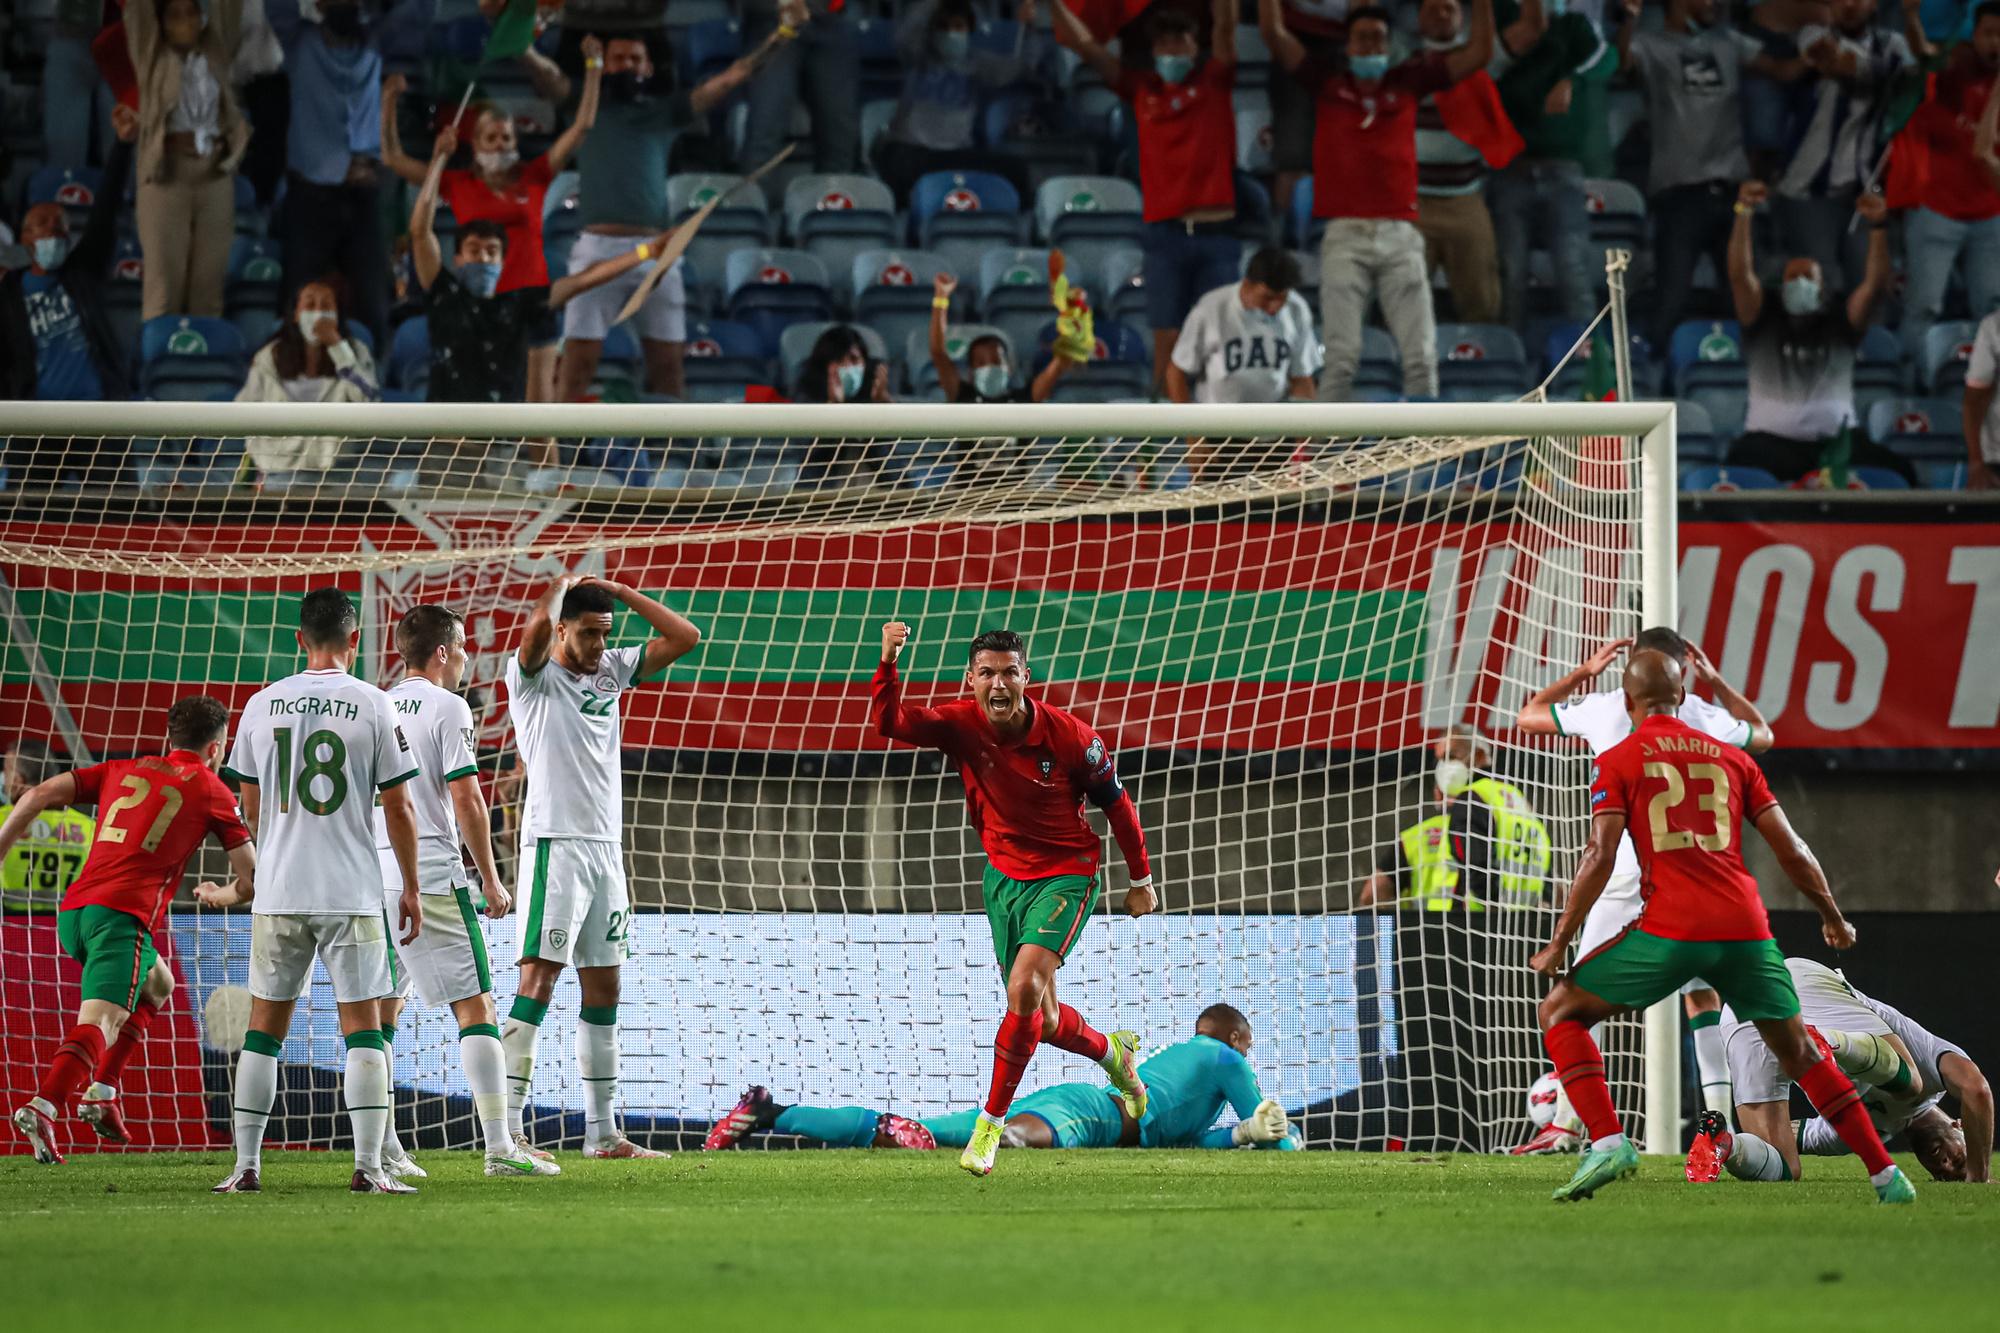 Malgré un pénlaty raté alors qu'on le surnomme parfois Penaldo, CR7 a su réagir en champion pour inscrire les deux buts qui ont permis au Portugal de renverser l'Irlande., belga